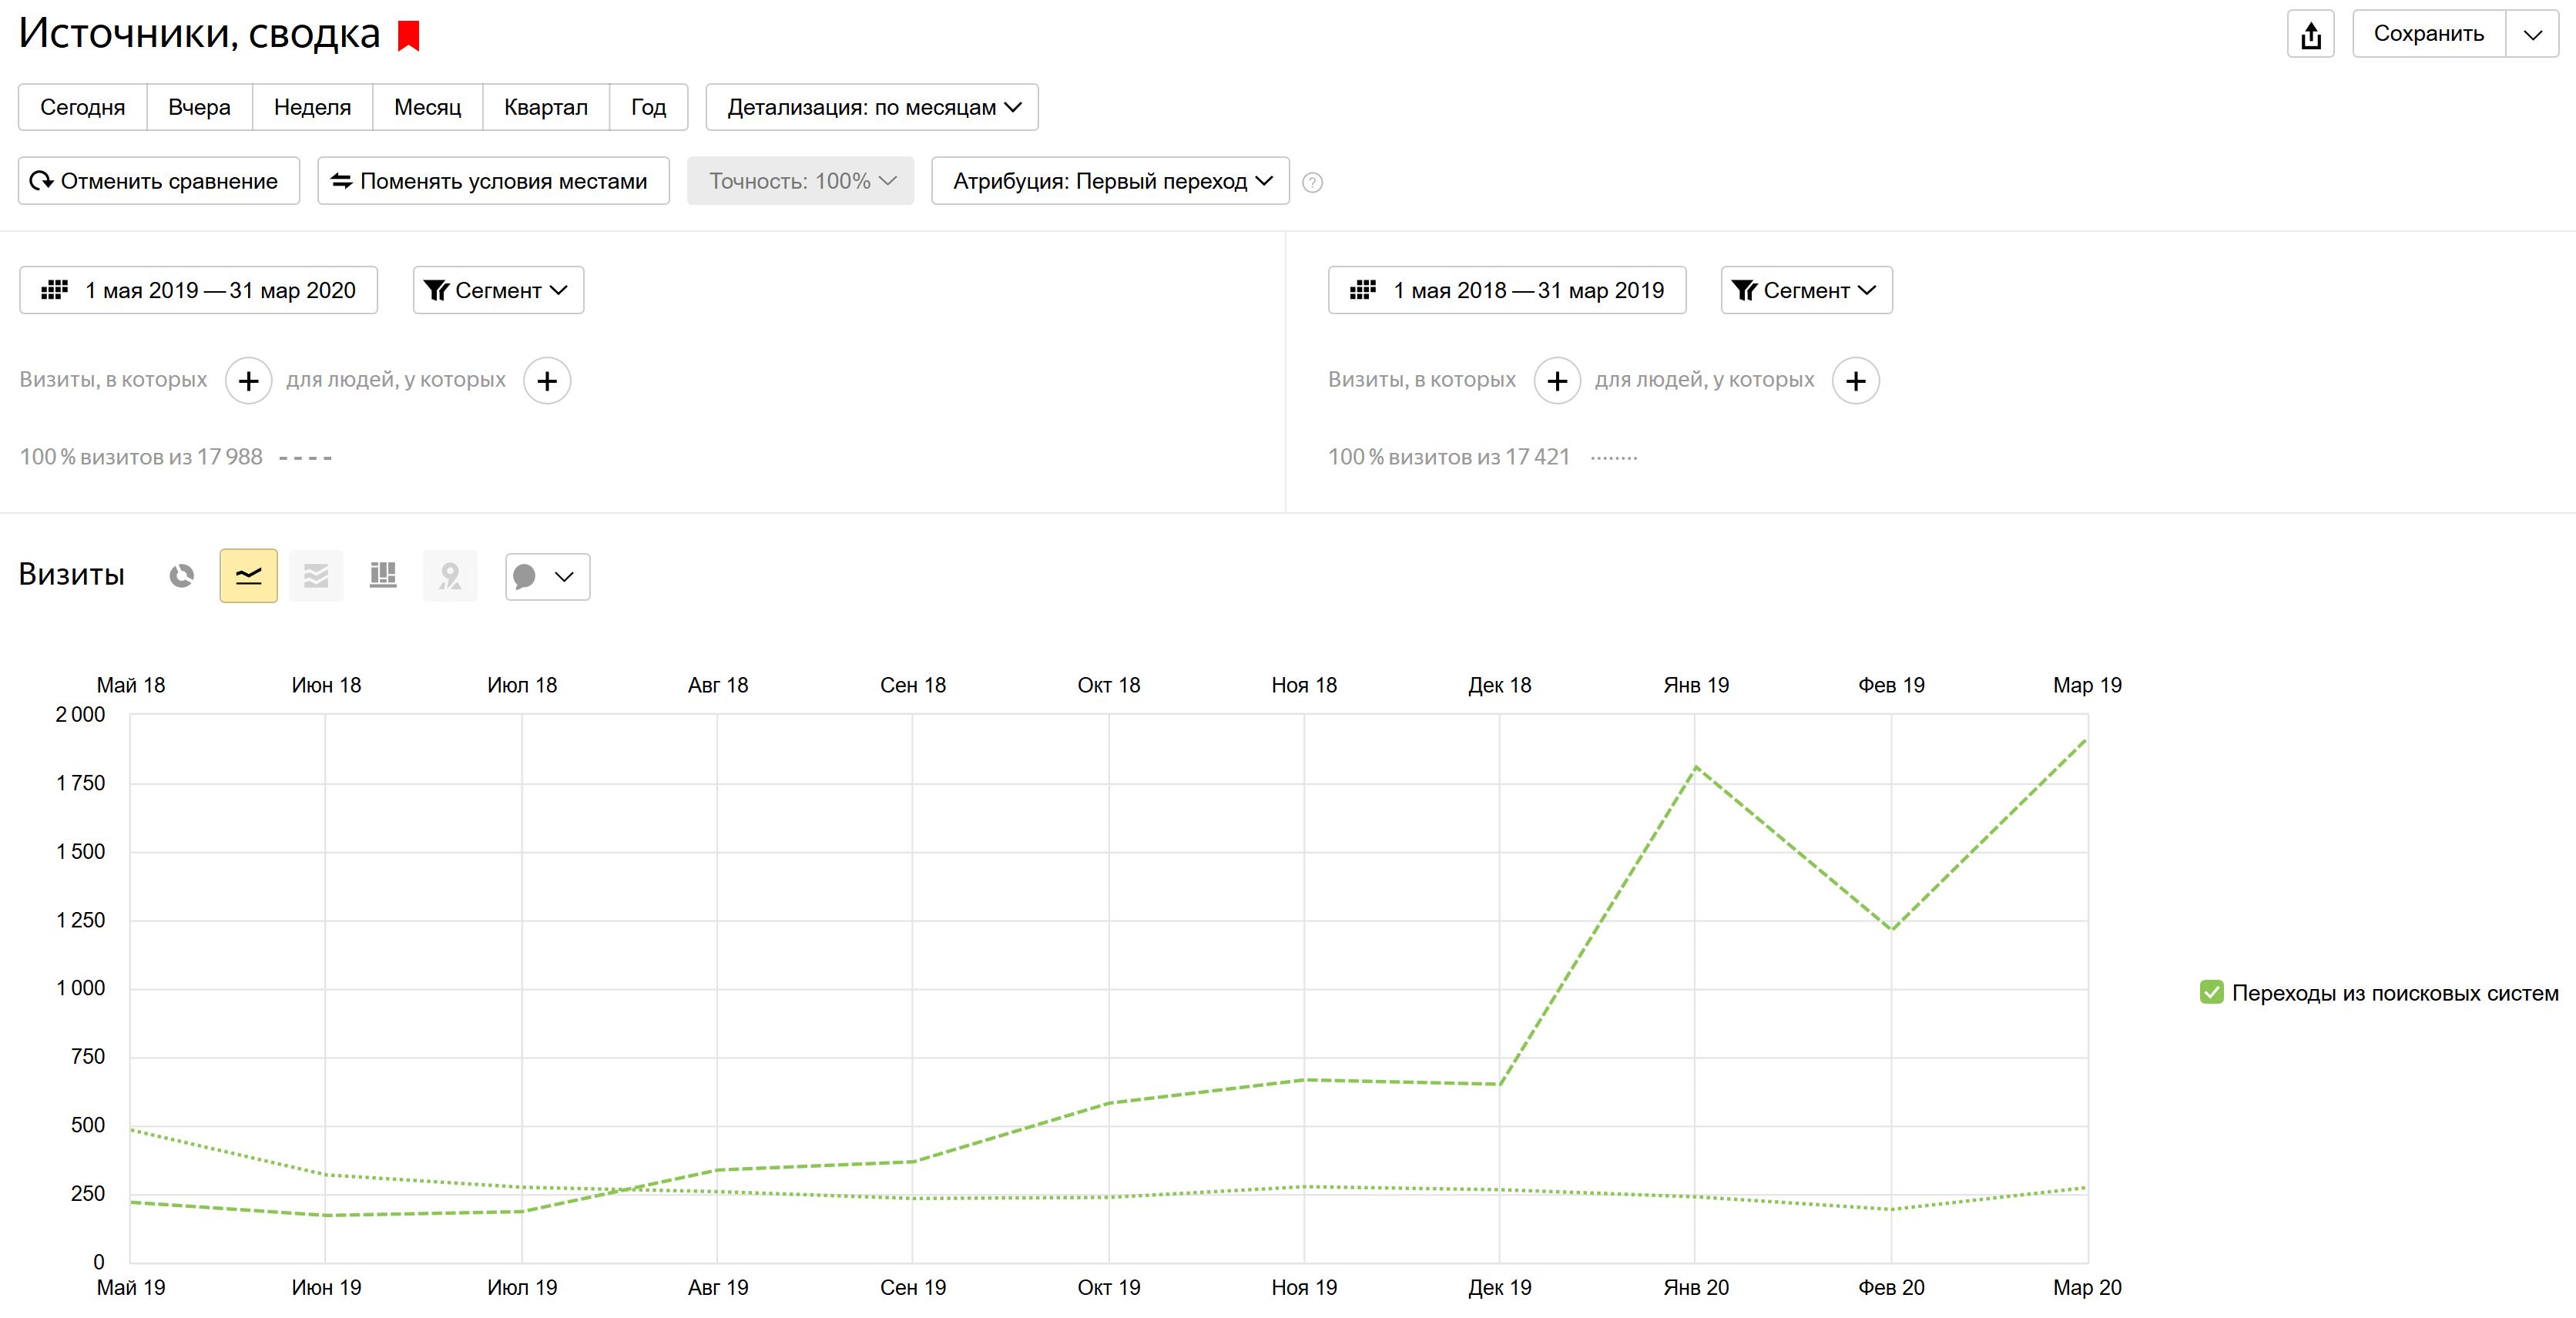 Трафик с поисковых систем в сравнении с предыдущим годом